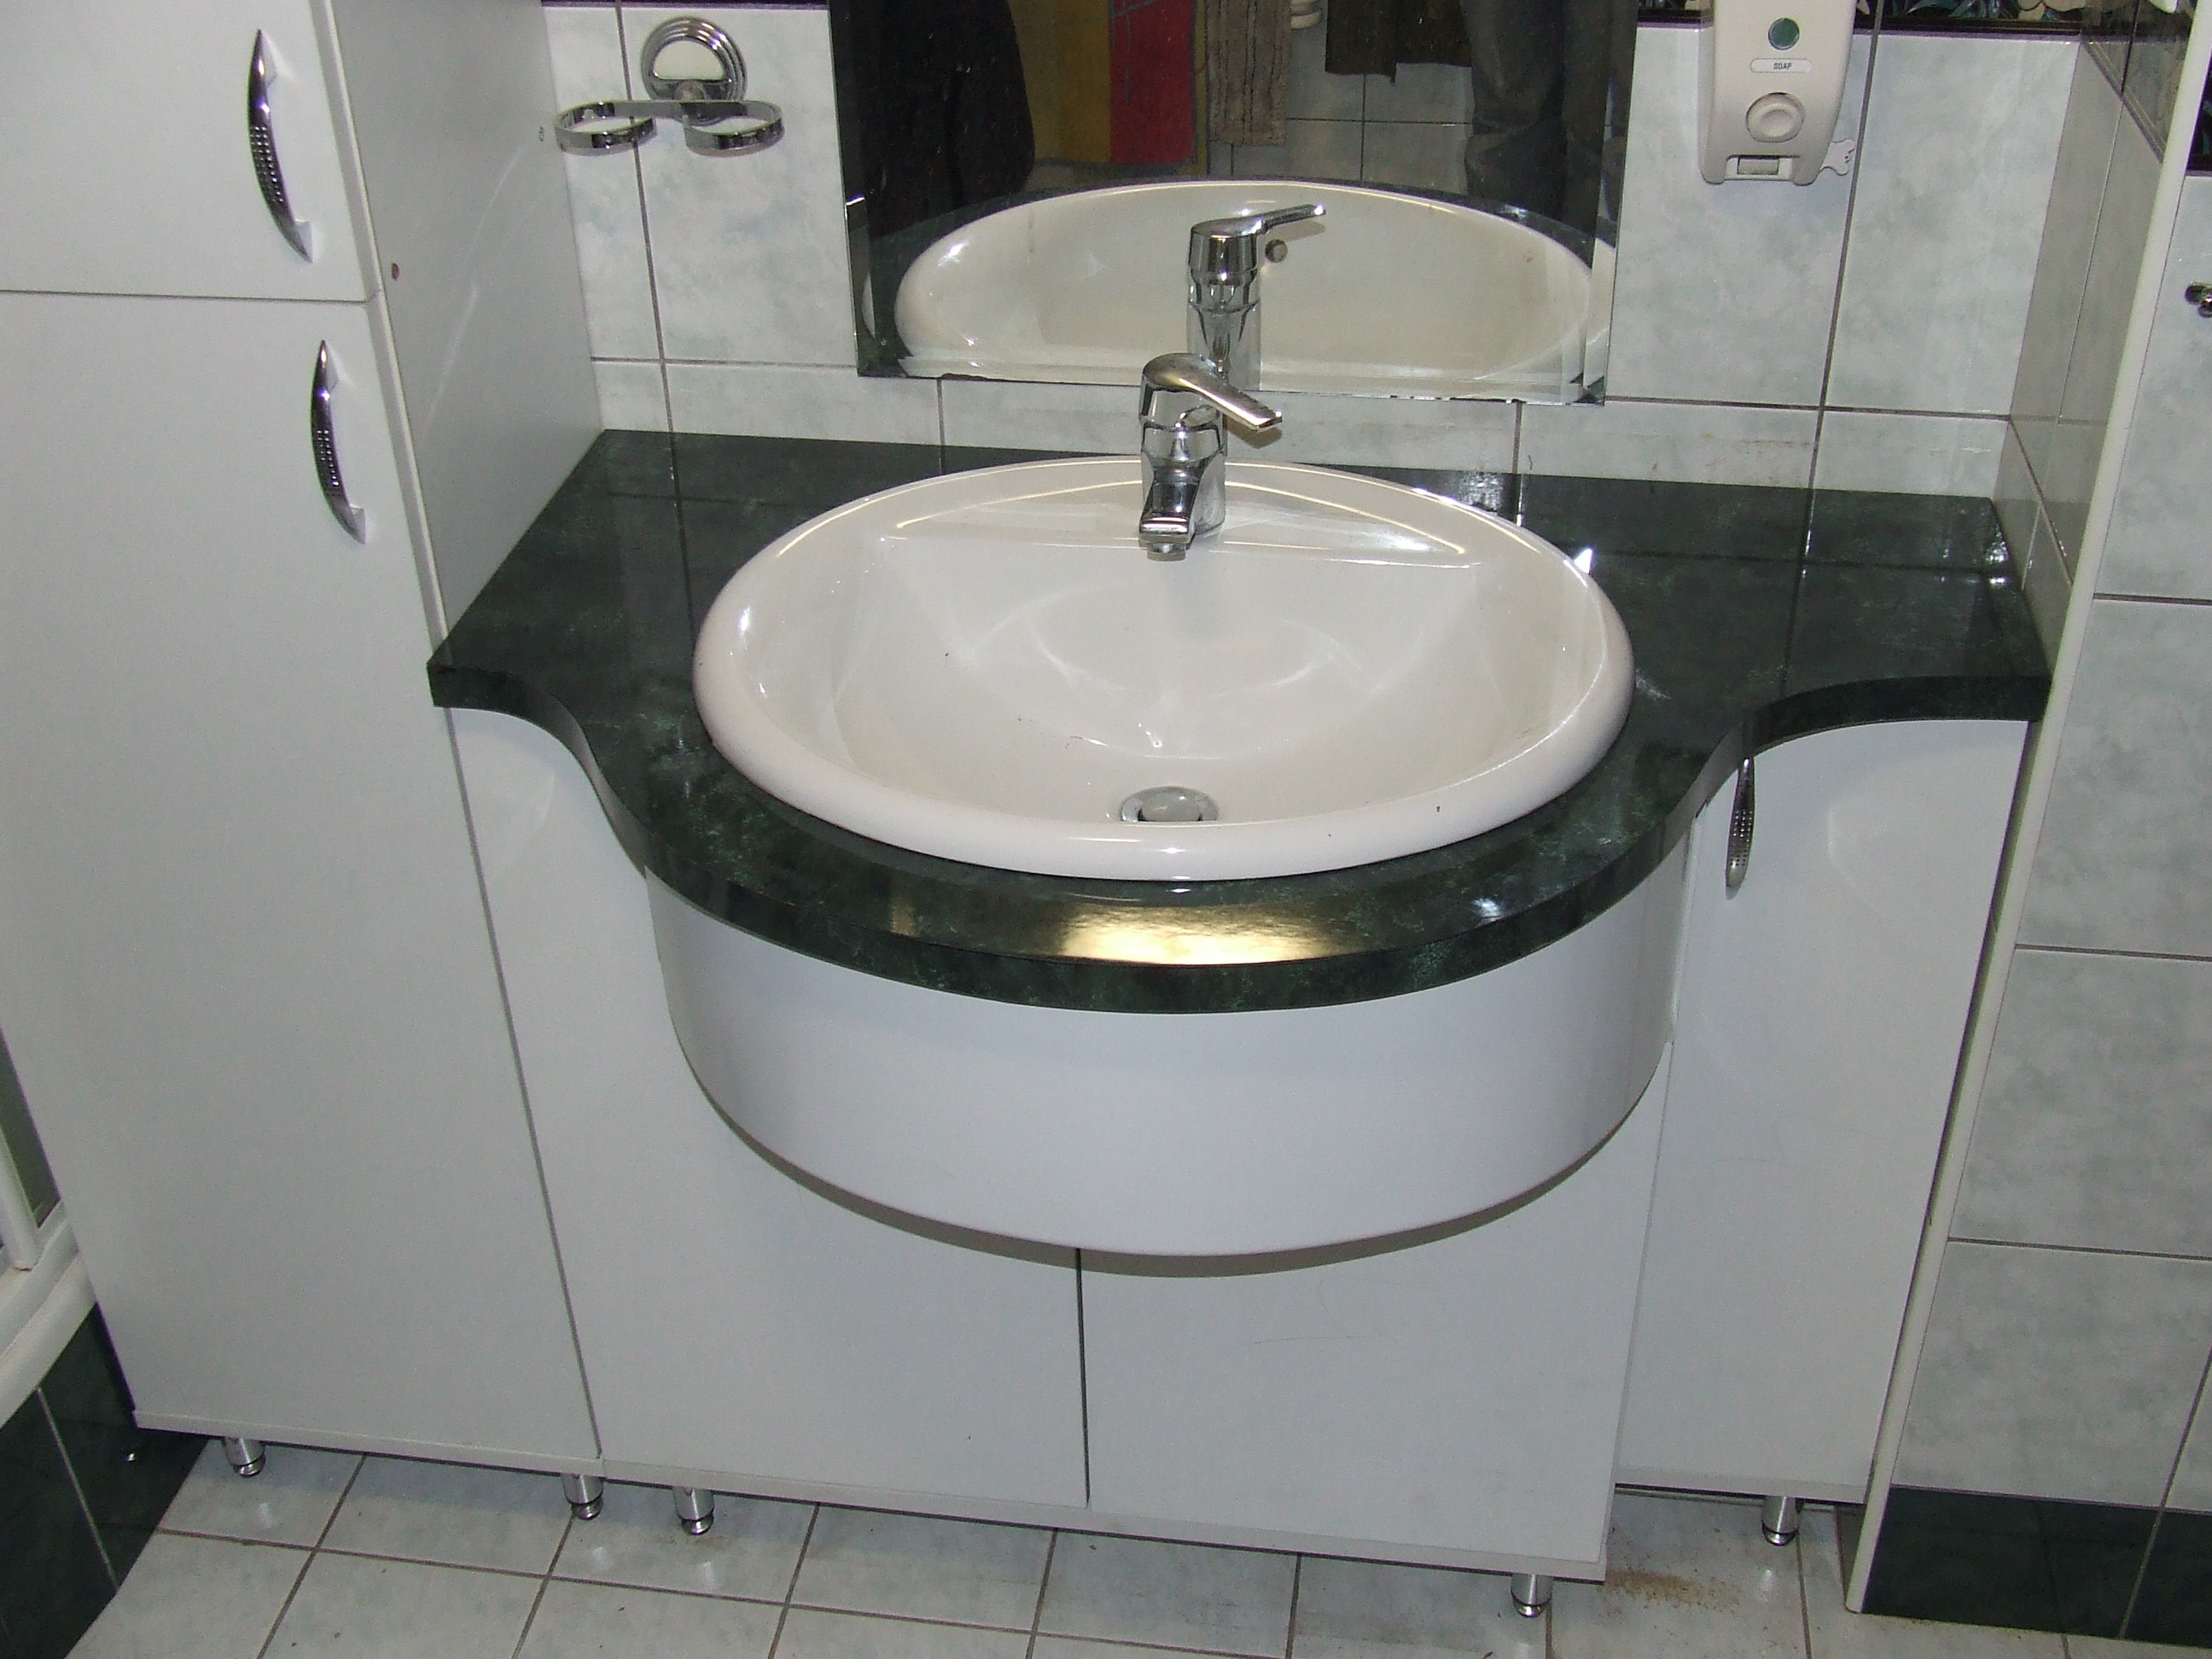 Badezimmermöbel - ADELL - meble na wymiar, kuchnie, łazienki, materace, łóżka - Oświęcim